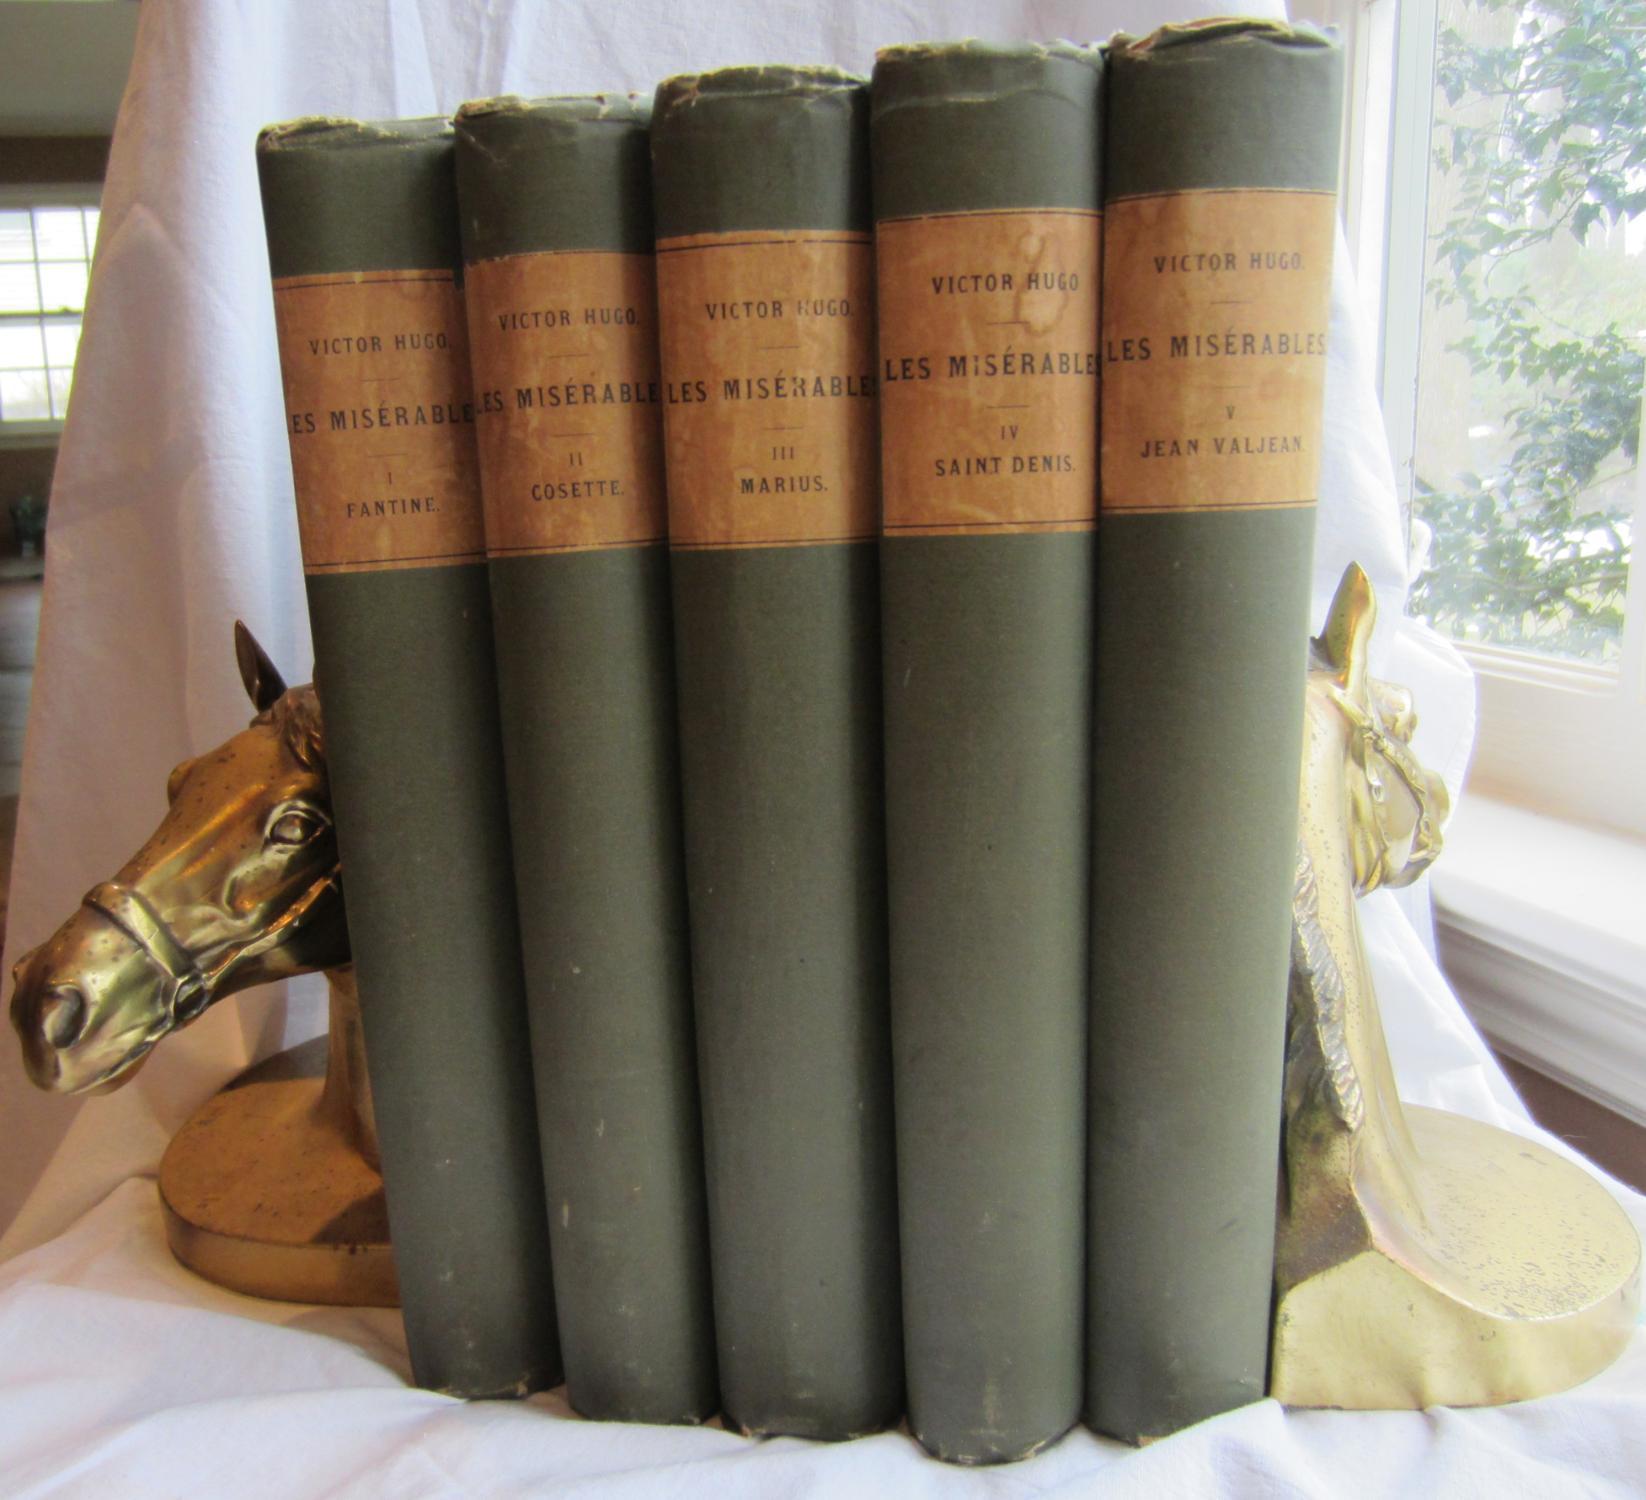 LES MISERABLES, Five (5) HC Volume set: Victor Hugo